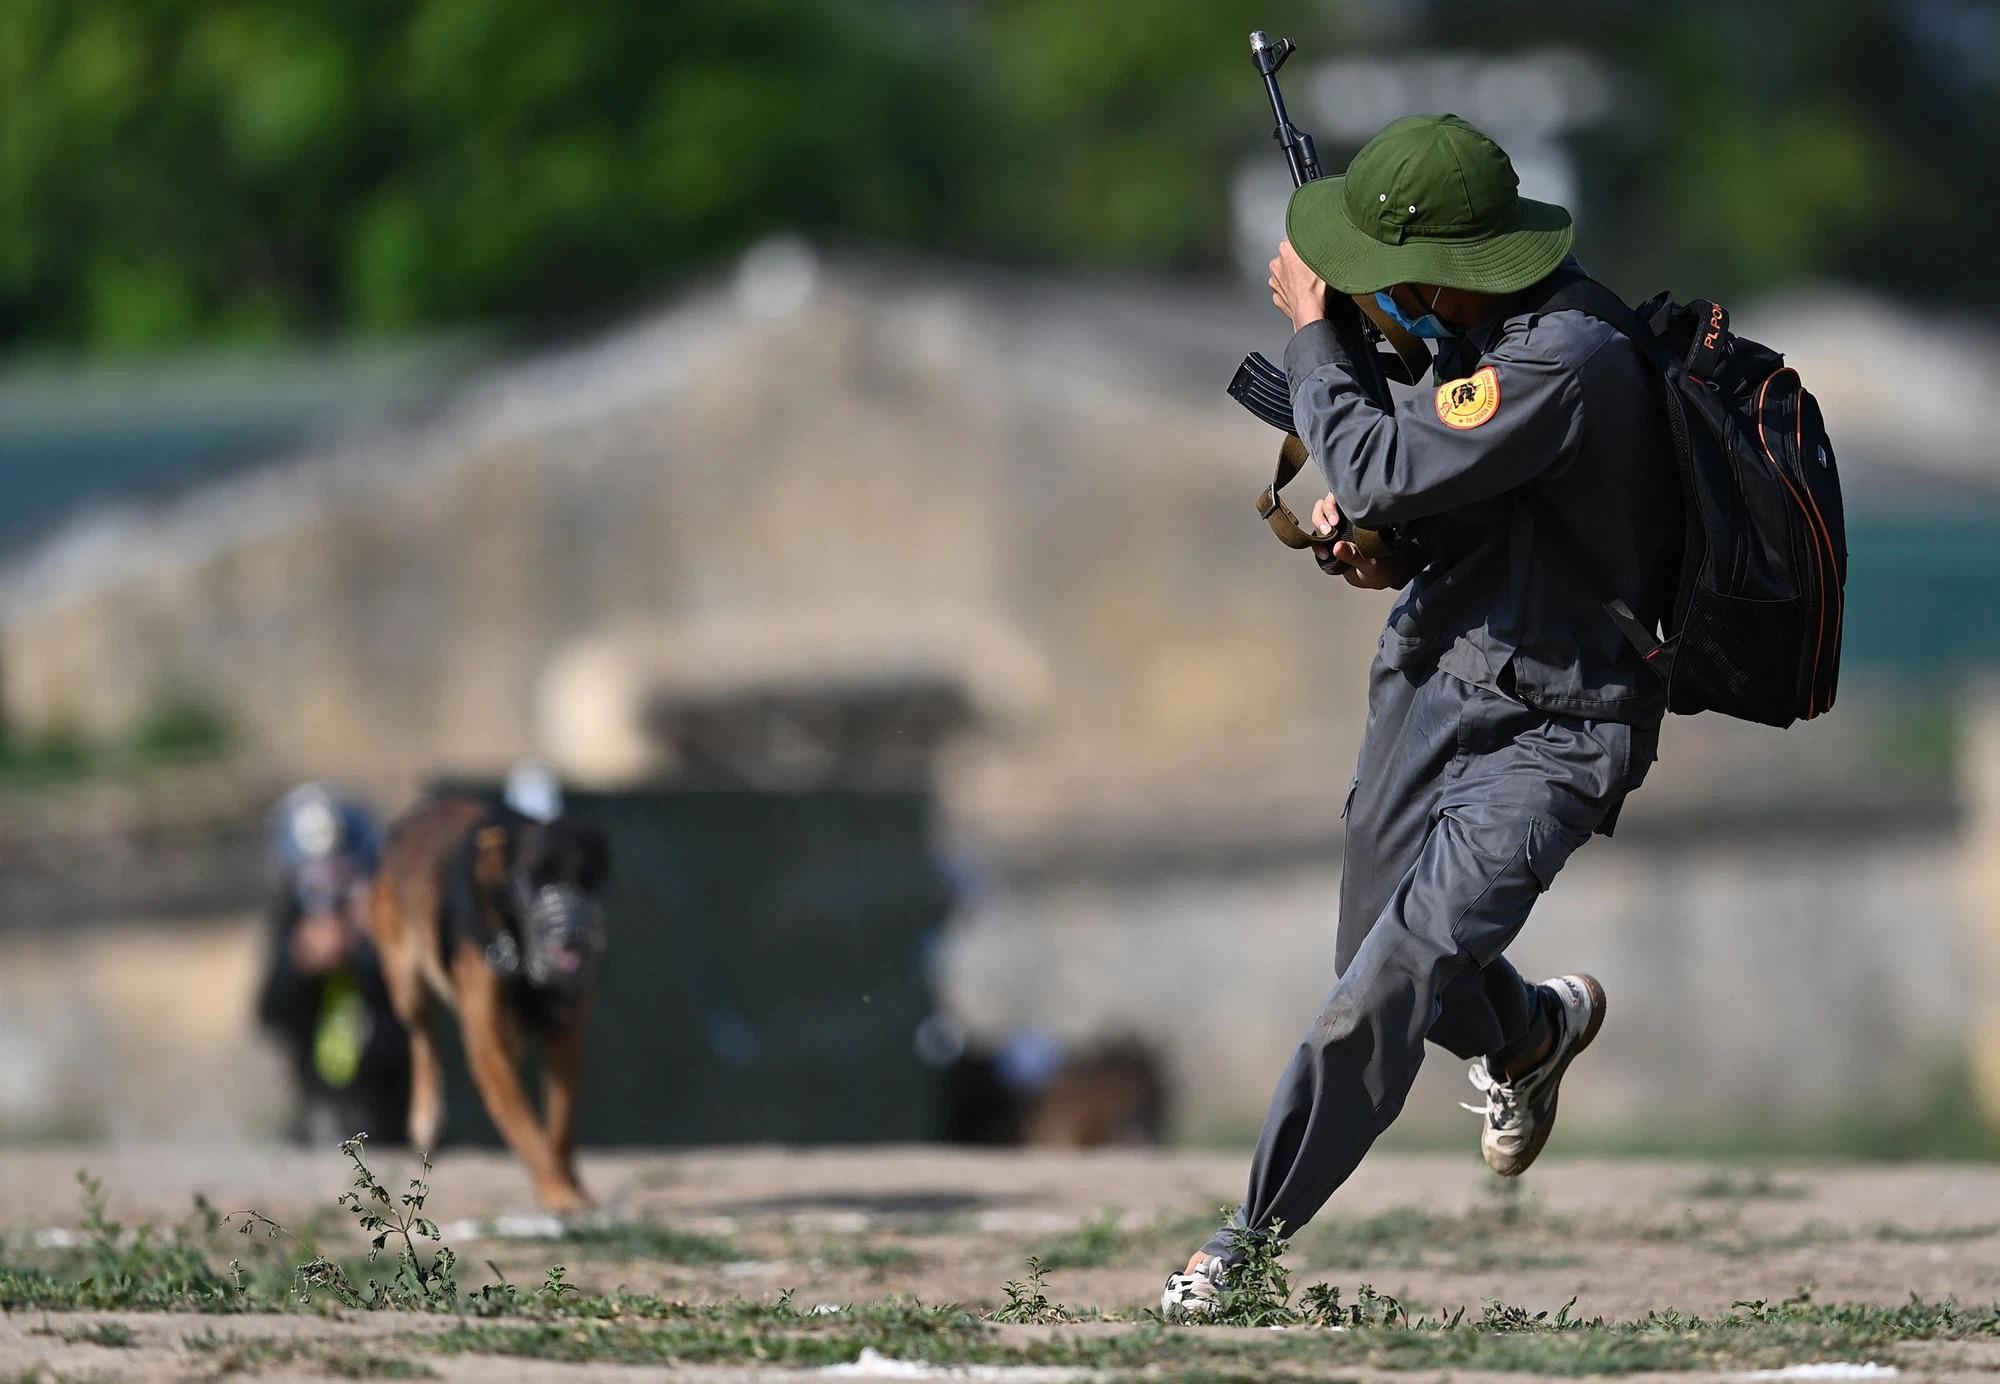 Mãn nhãn với màn biểu diễn võ thuật, nổ súng truy bắt tội phạm của Cảnh sát cơ động cùng những 'chiến binh đặc biệt' - 5